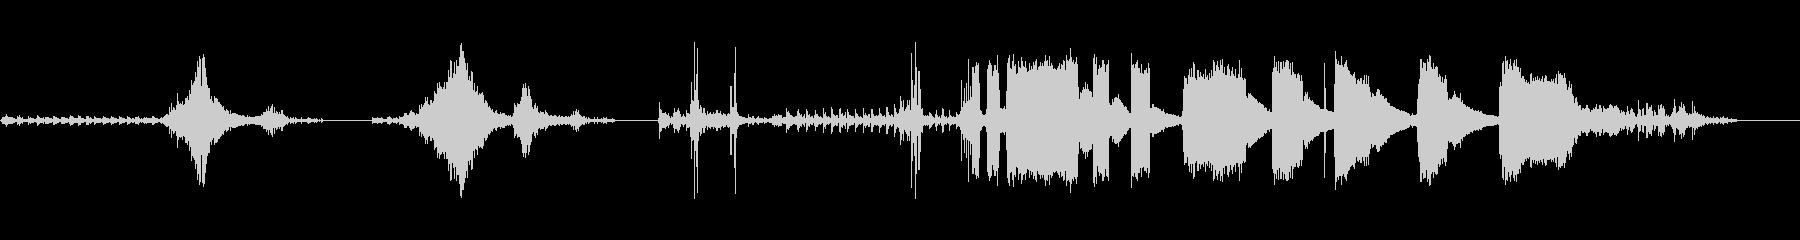 単一プロップ:ラフスタートとストー...の未再生の波形